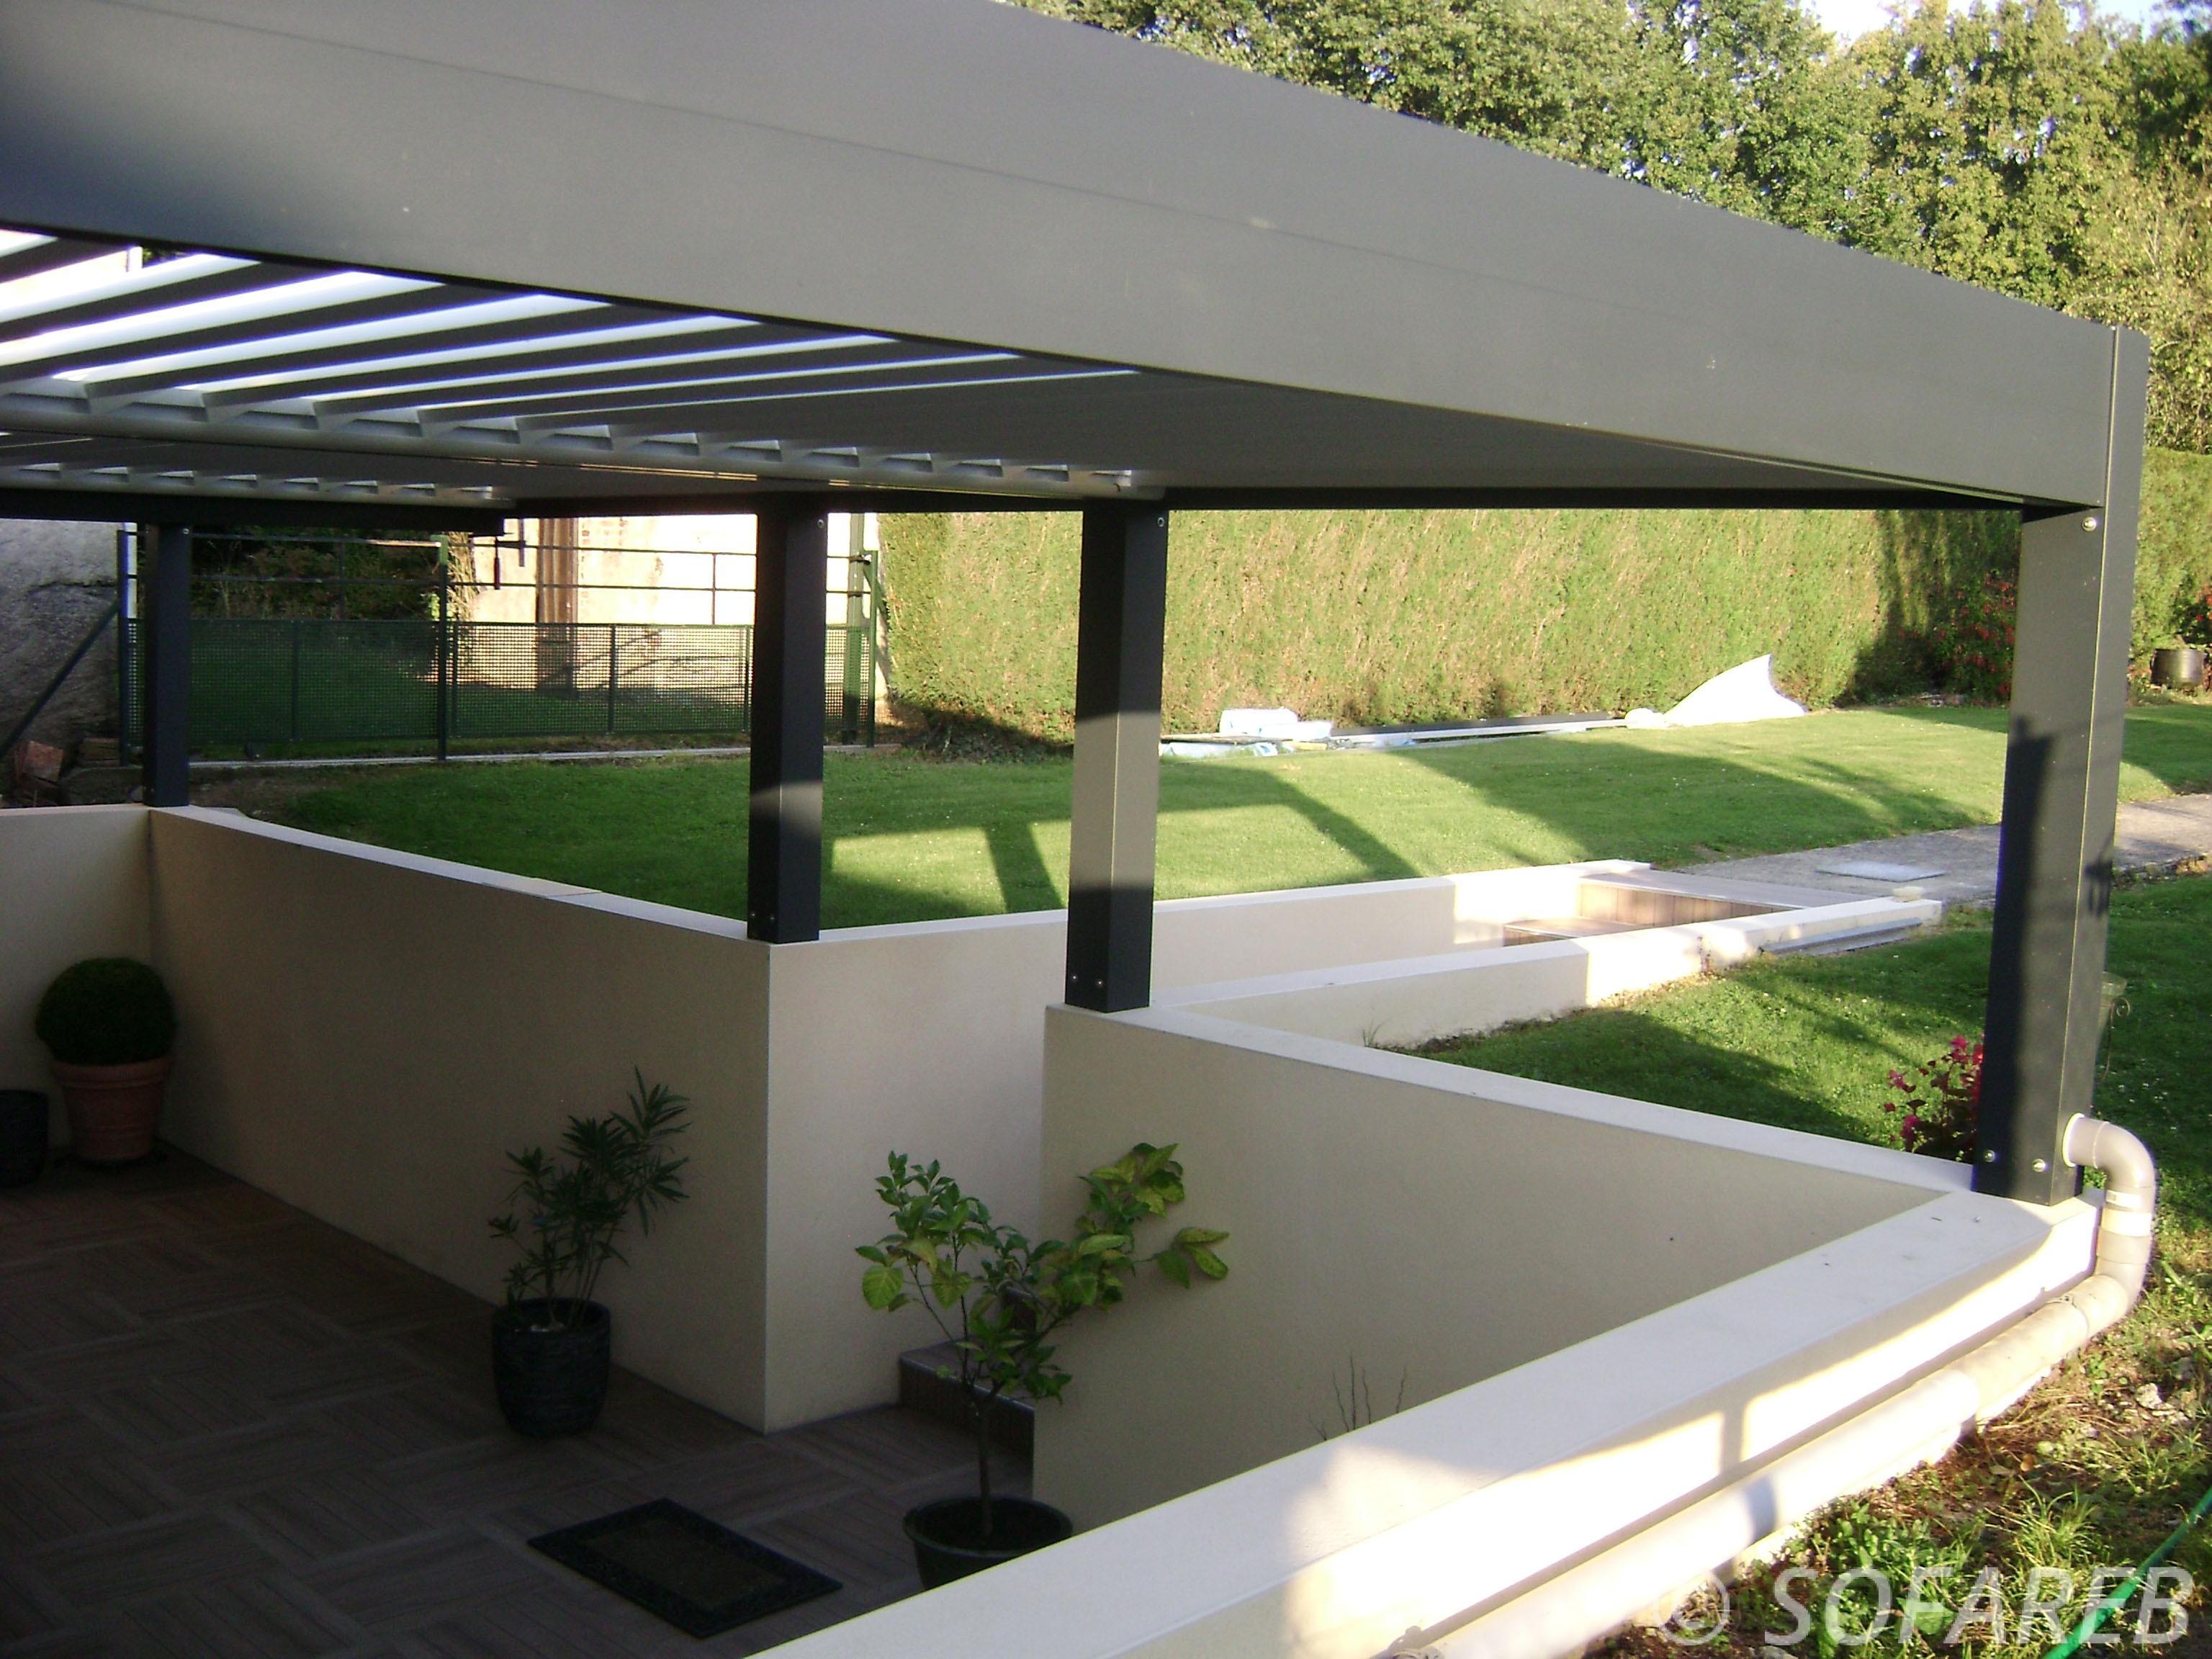 Pergola-bioclimatique-sur-une-terrasse-en-contrebas